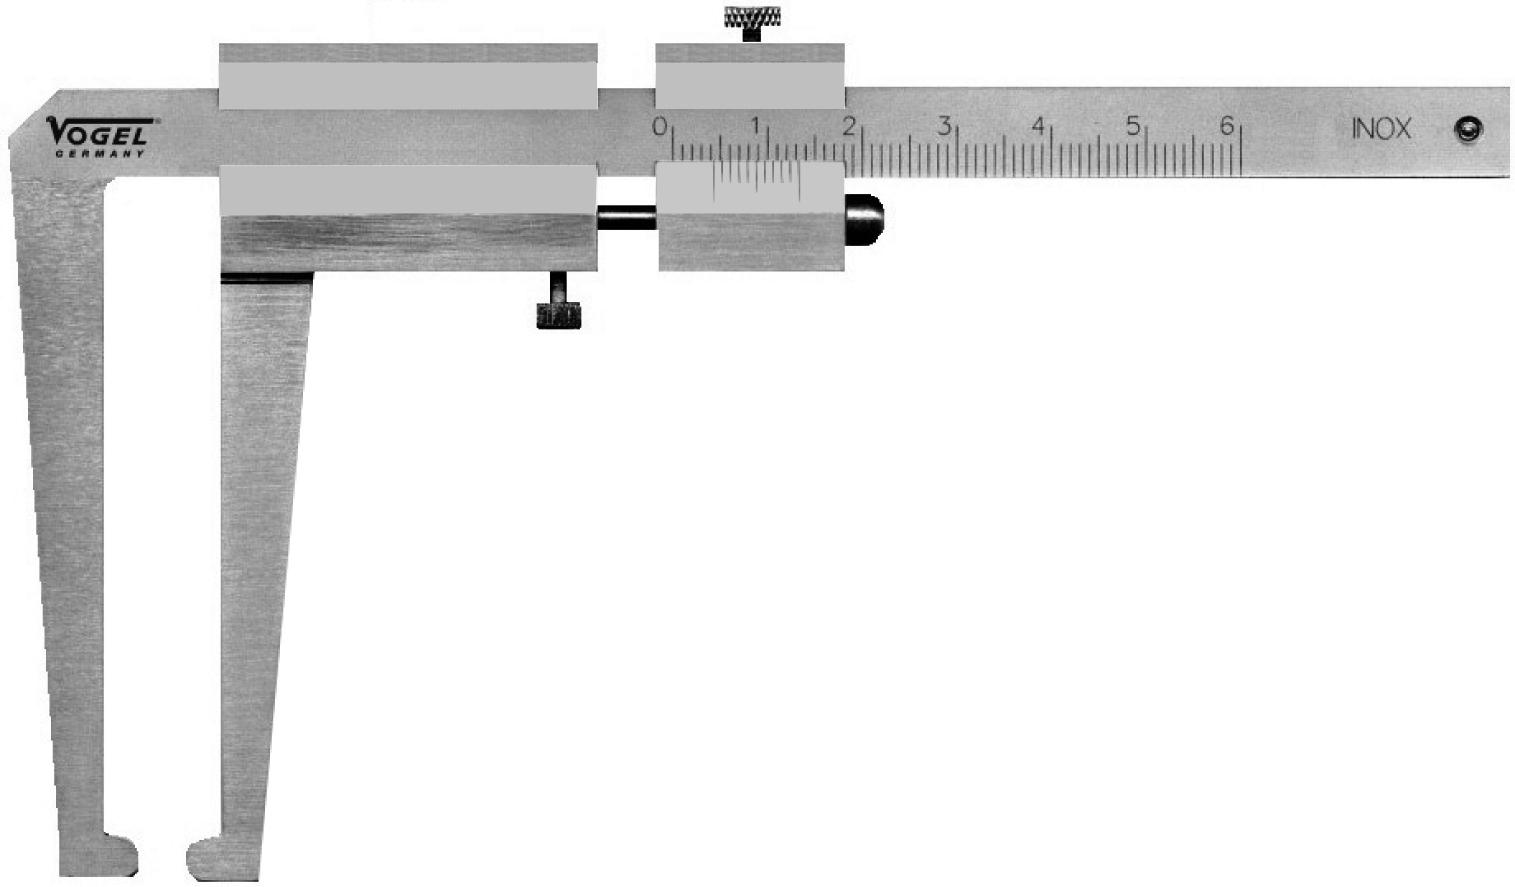 VOGEL Brake discs - calipers chromed m. Measuring tips beak length 77 mm 20 6001